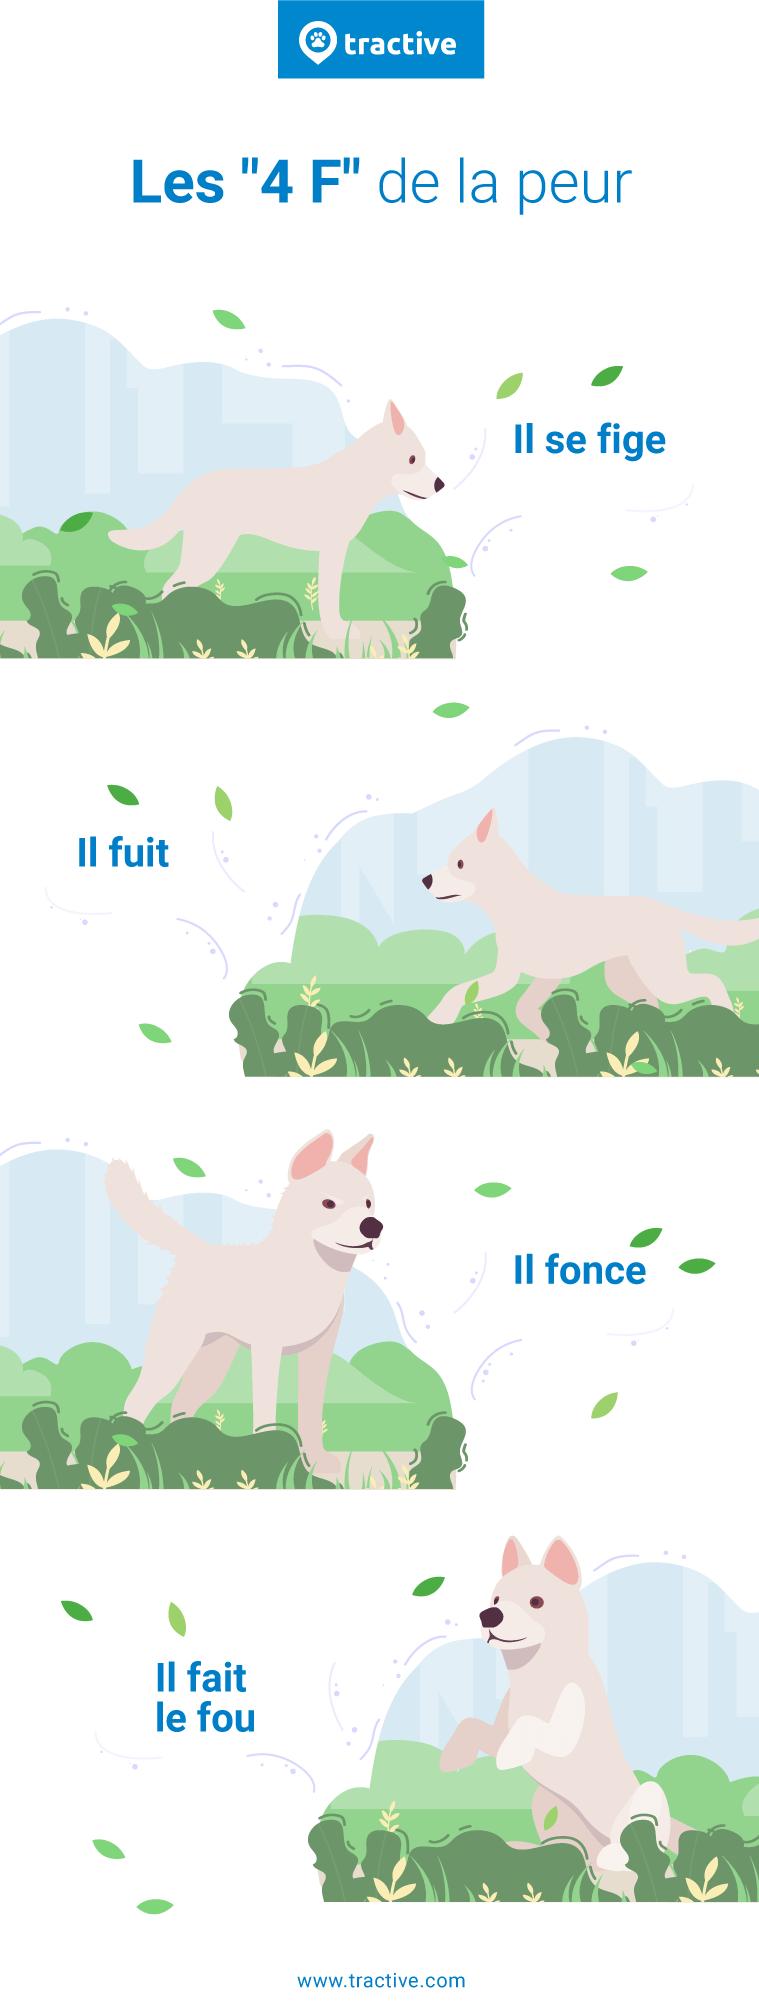 Infographie sur les 4F de la peur chez le chien (Il se fige, il fuit, il fonce, il fait le fou)